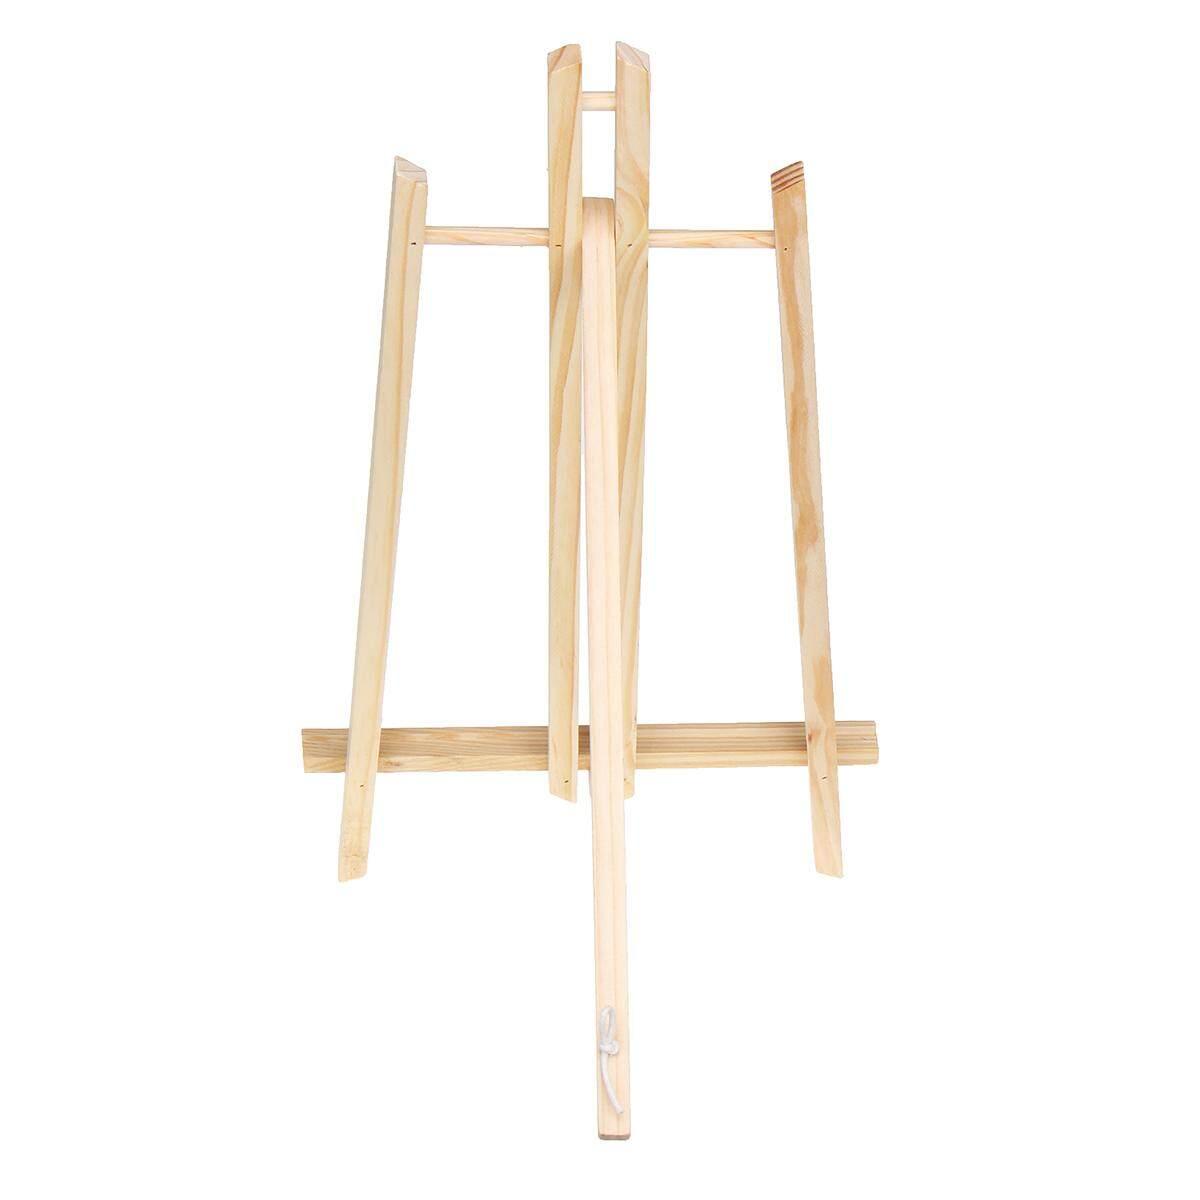 """BEECH WOOD 11/"""" ARTIST TABLE TOP DISPLAY ART WOODEN EASEL CRAFT WEDDING ART"""